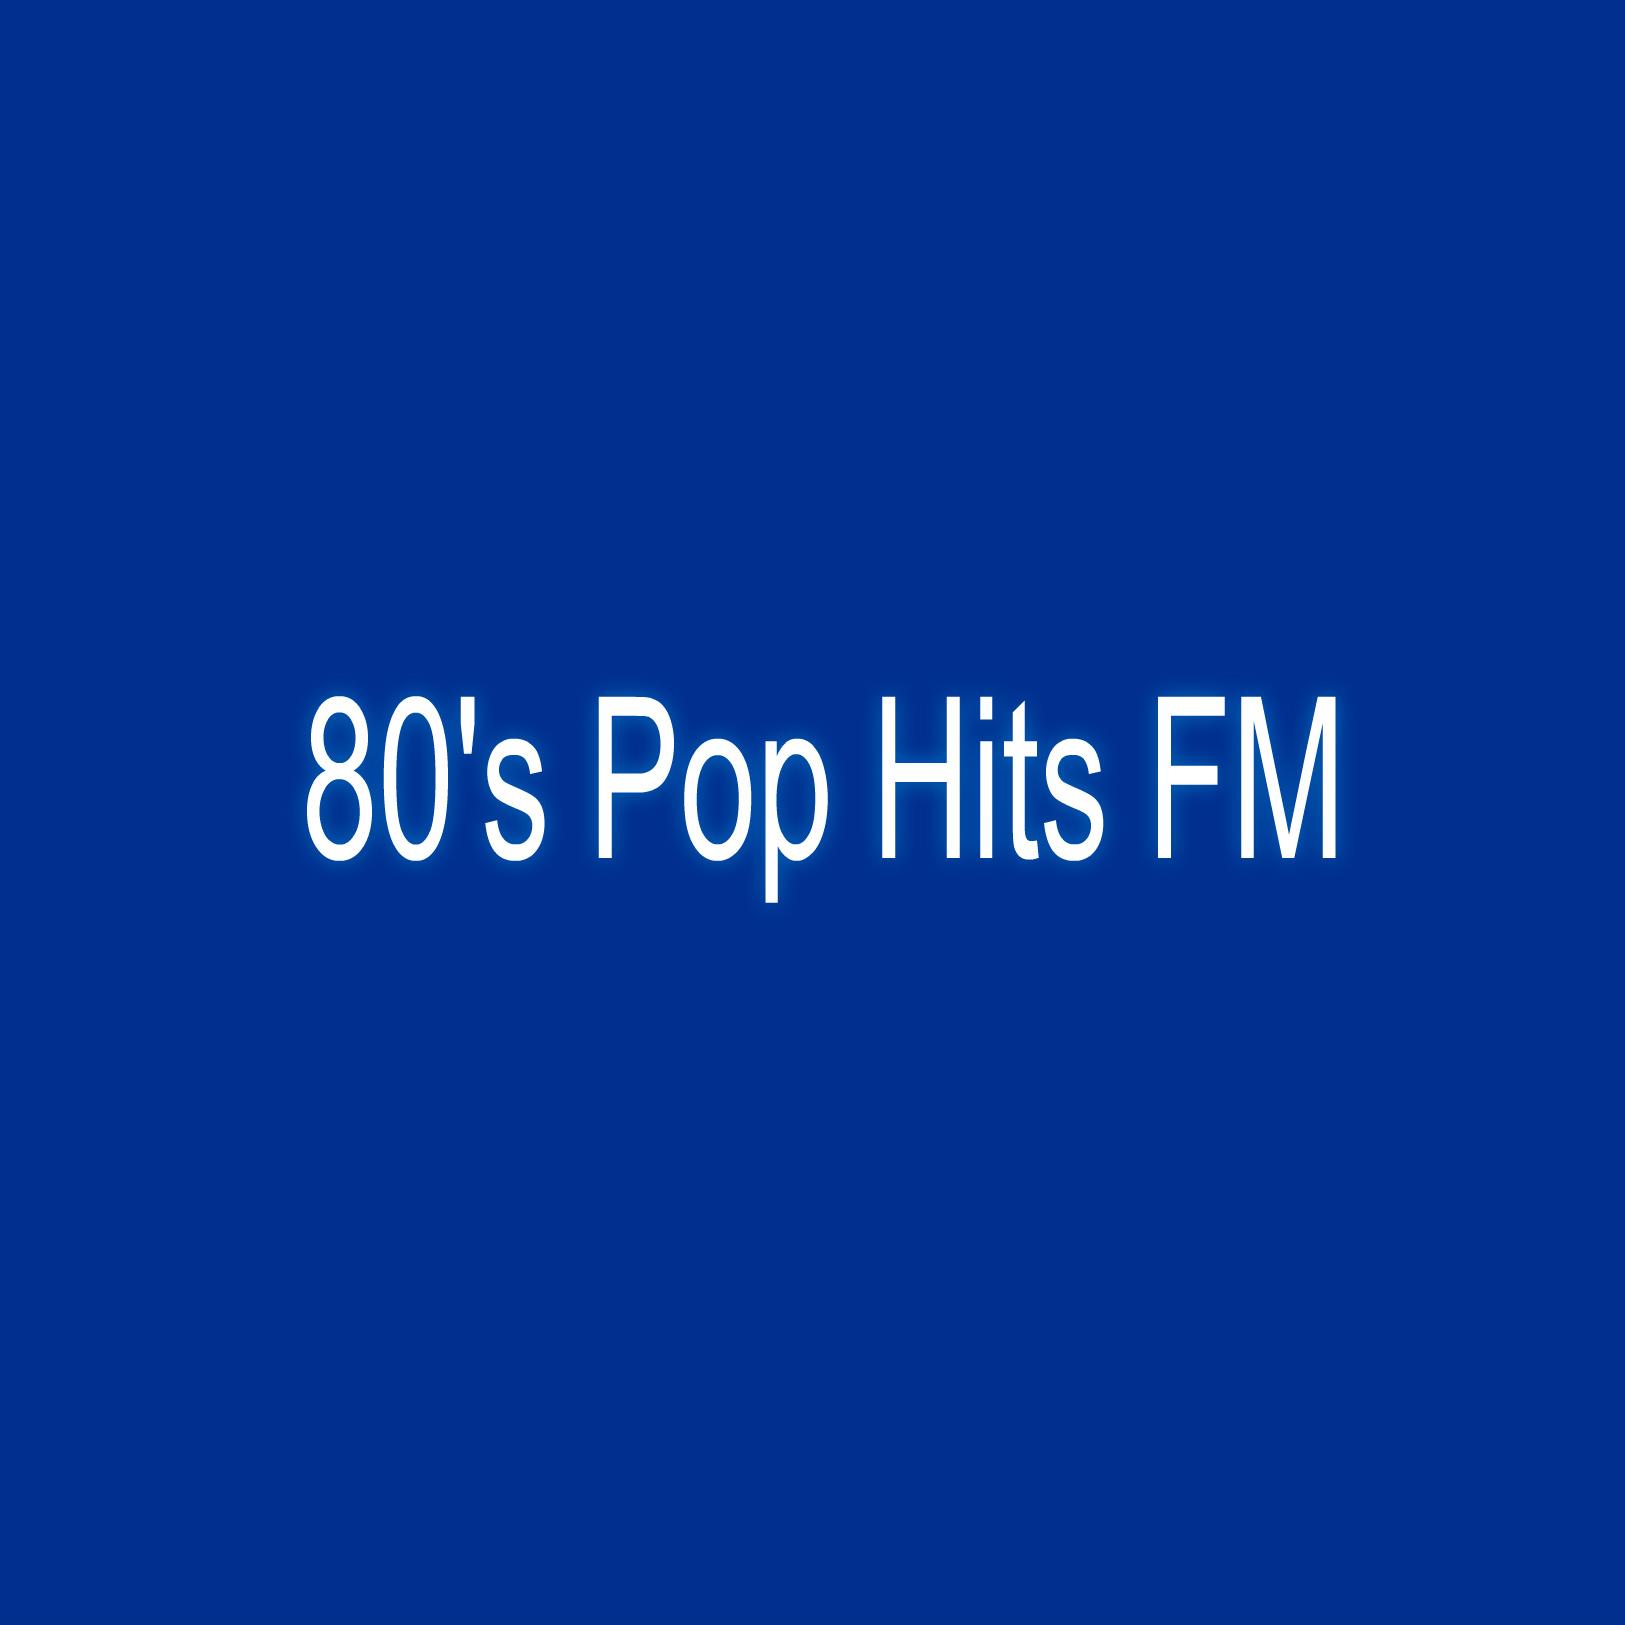 80's Pop Hits FM